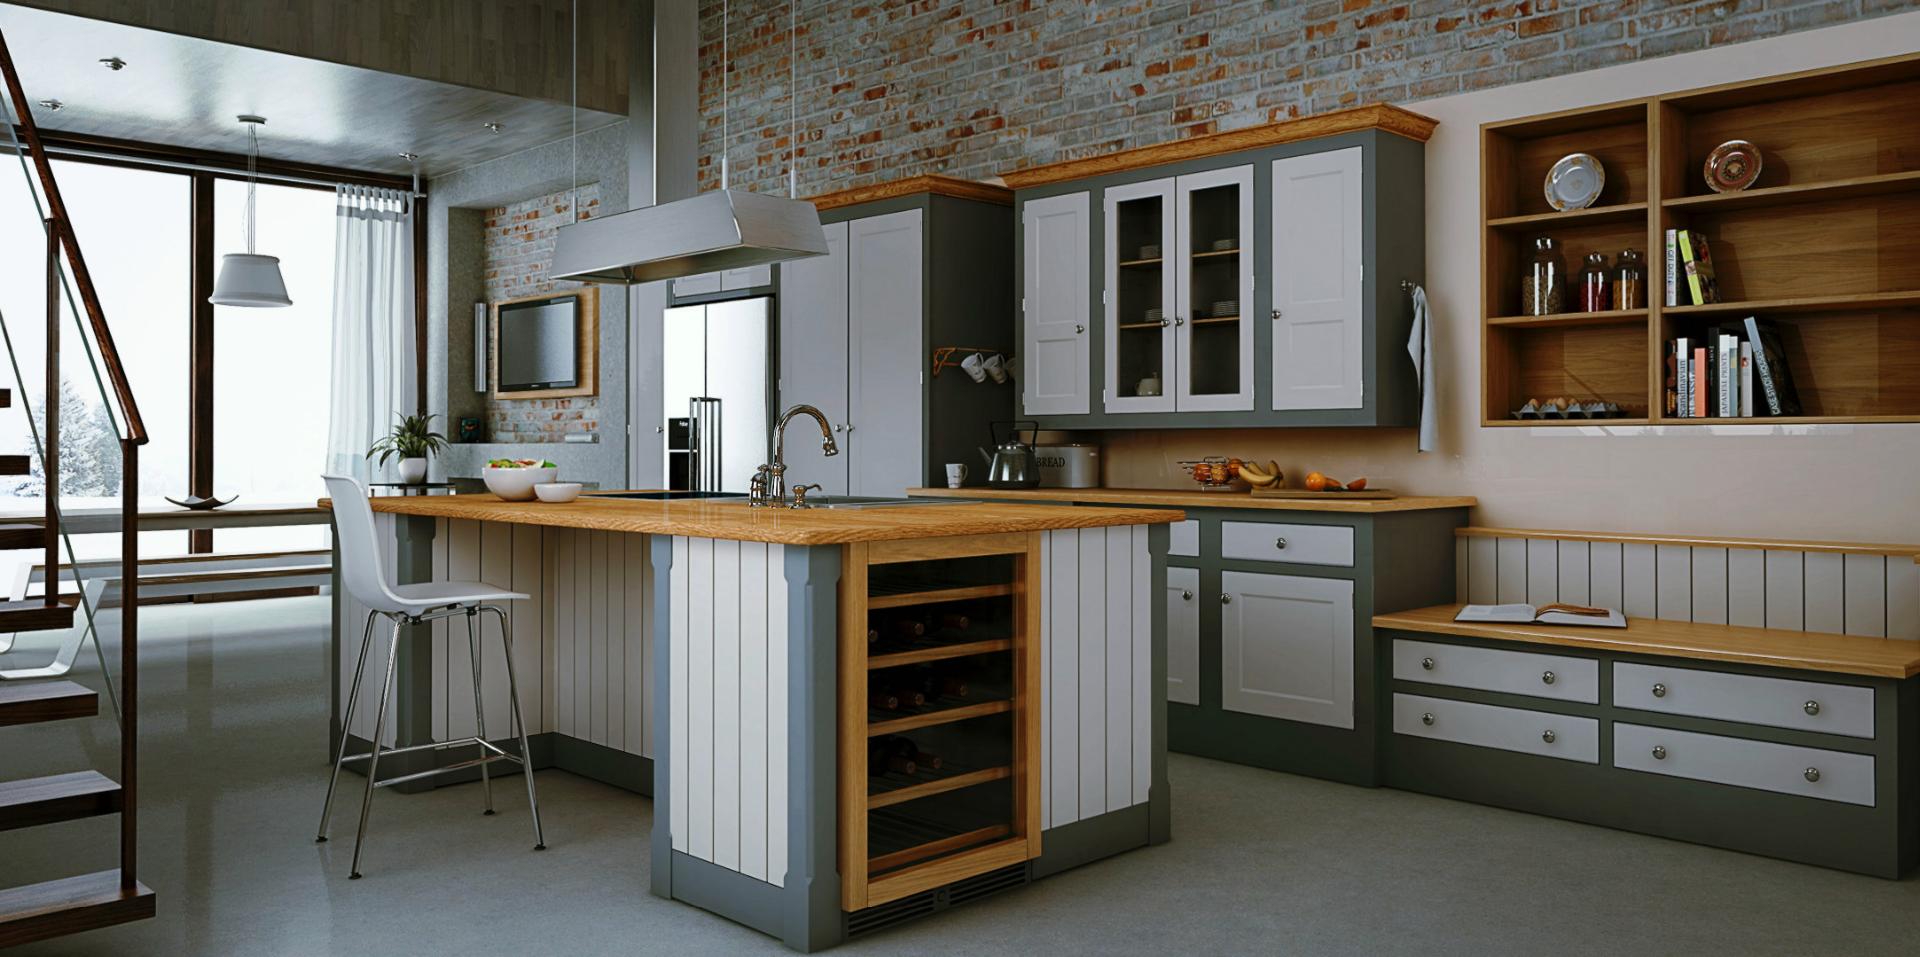 SU Podium kitchen render